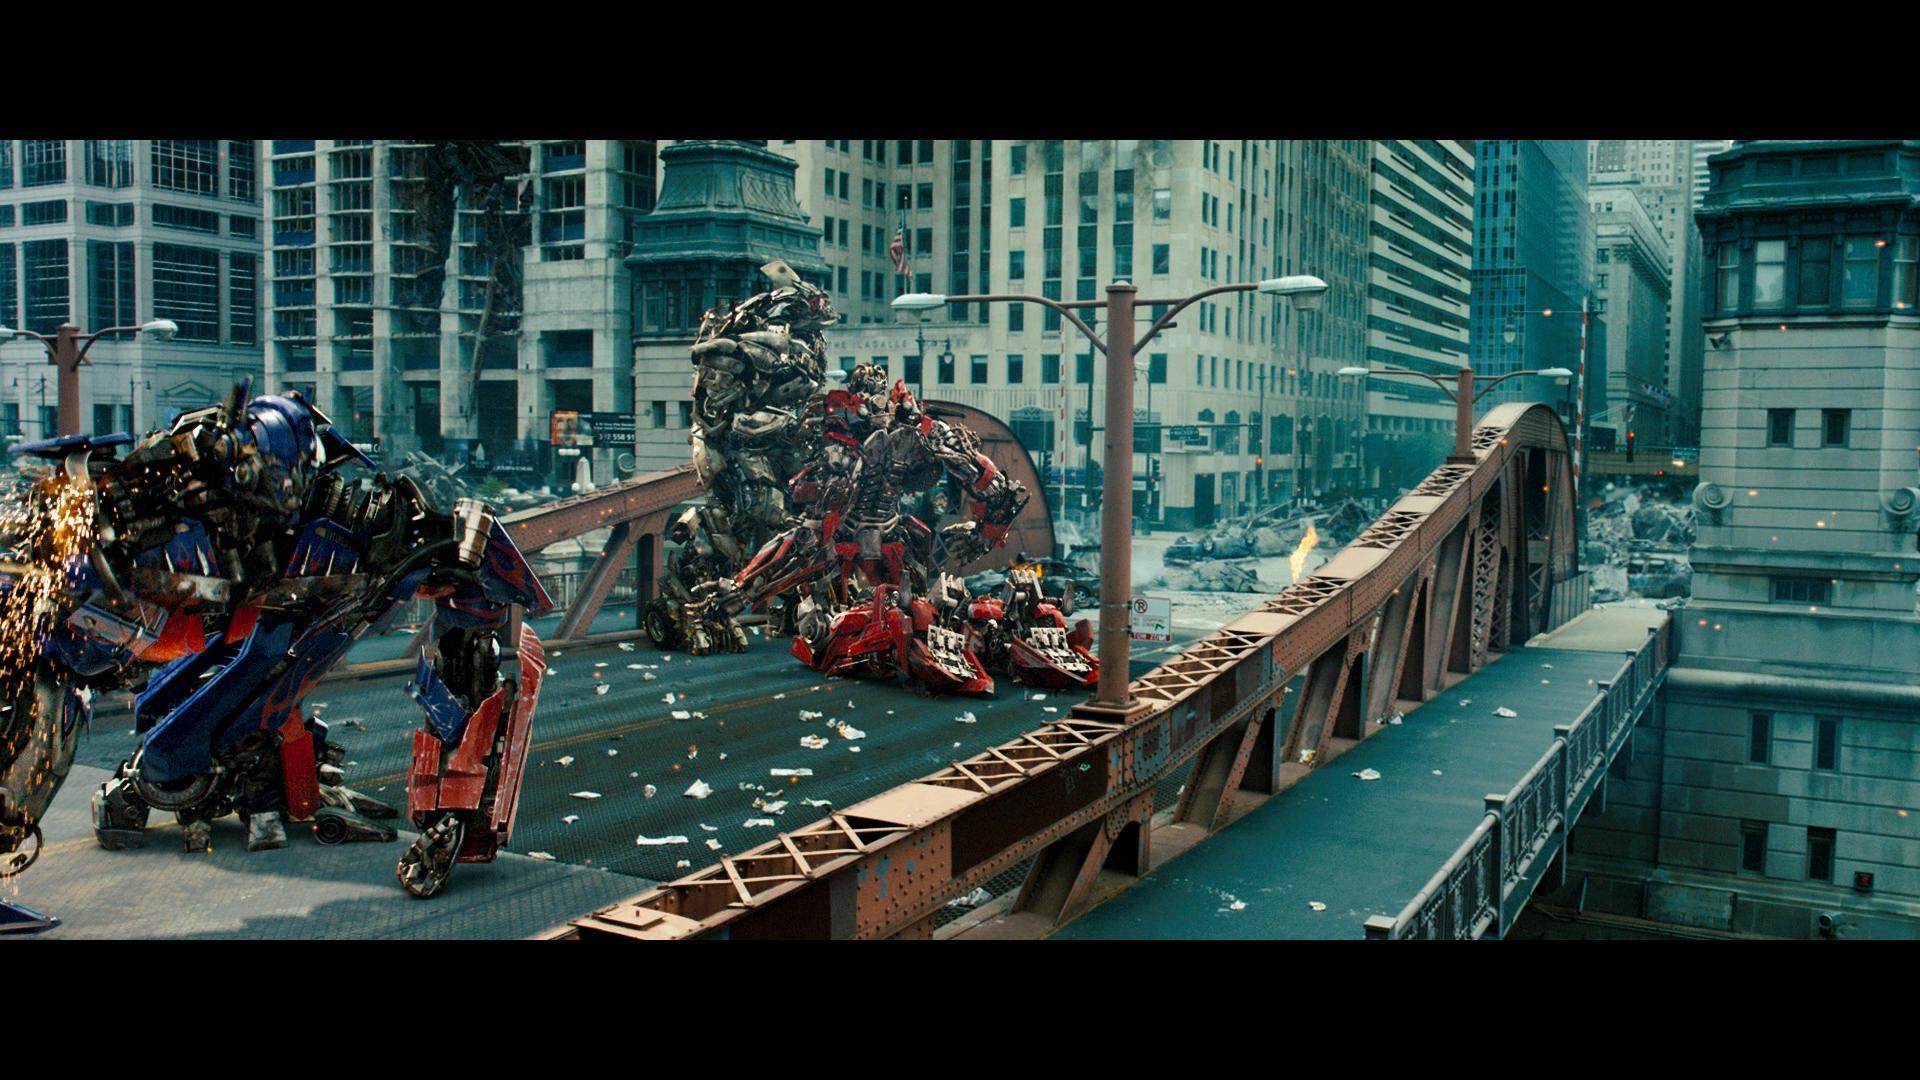 Xem Phim Robot Đại Chiến 3: Vùng Tối Của Mặt Trăng - Transformers: Dark Of The Moon, Transformers 3 - Sàn Phim - Sanphim.net